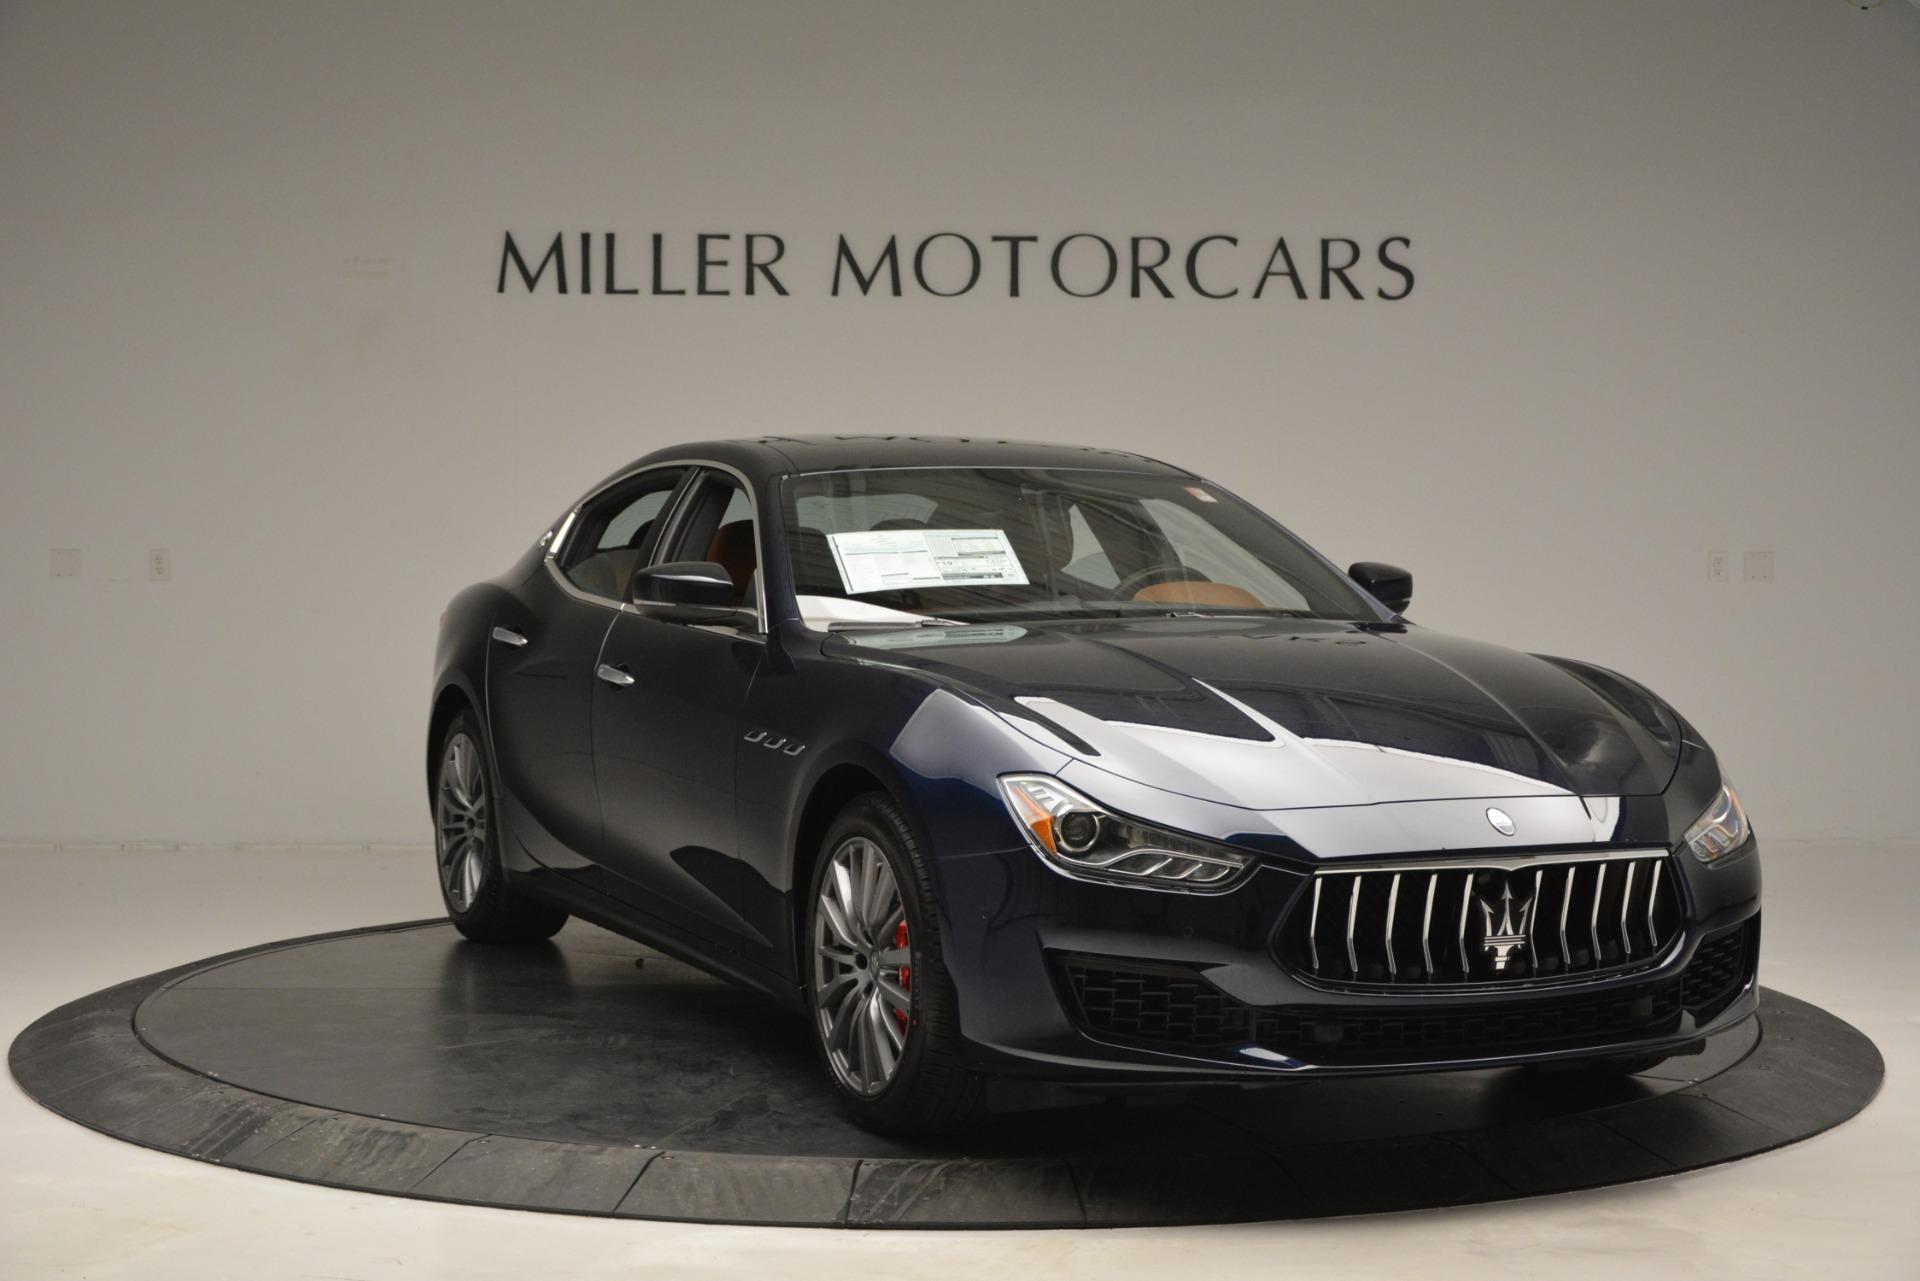 New 2019 Maserati Ghibli S Q4 For Sale In Greenwich, CT. Alfa Romeo of Greenwich, M2243 2796_p11